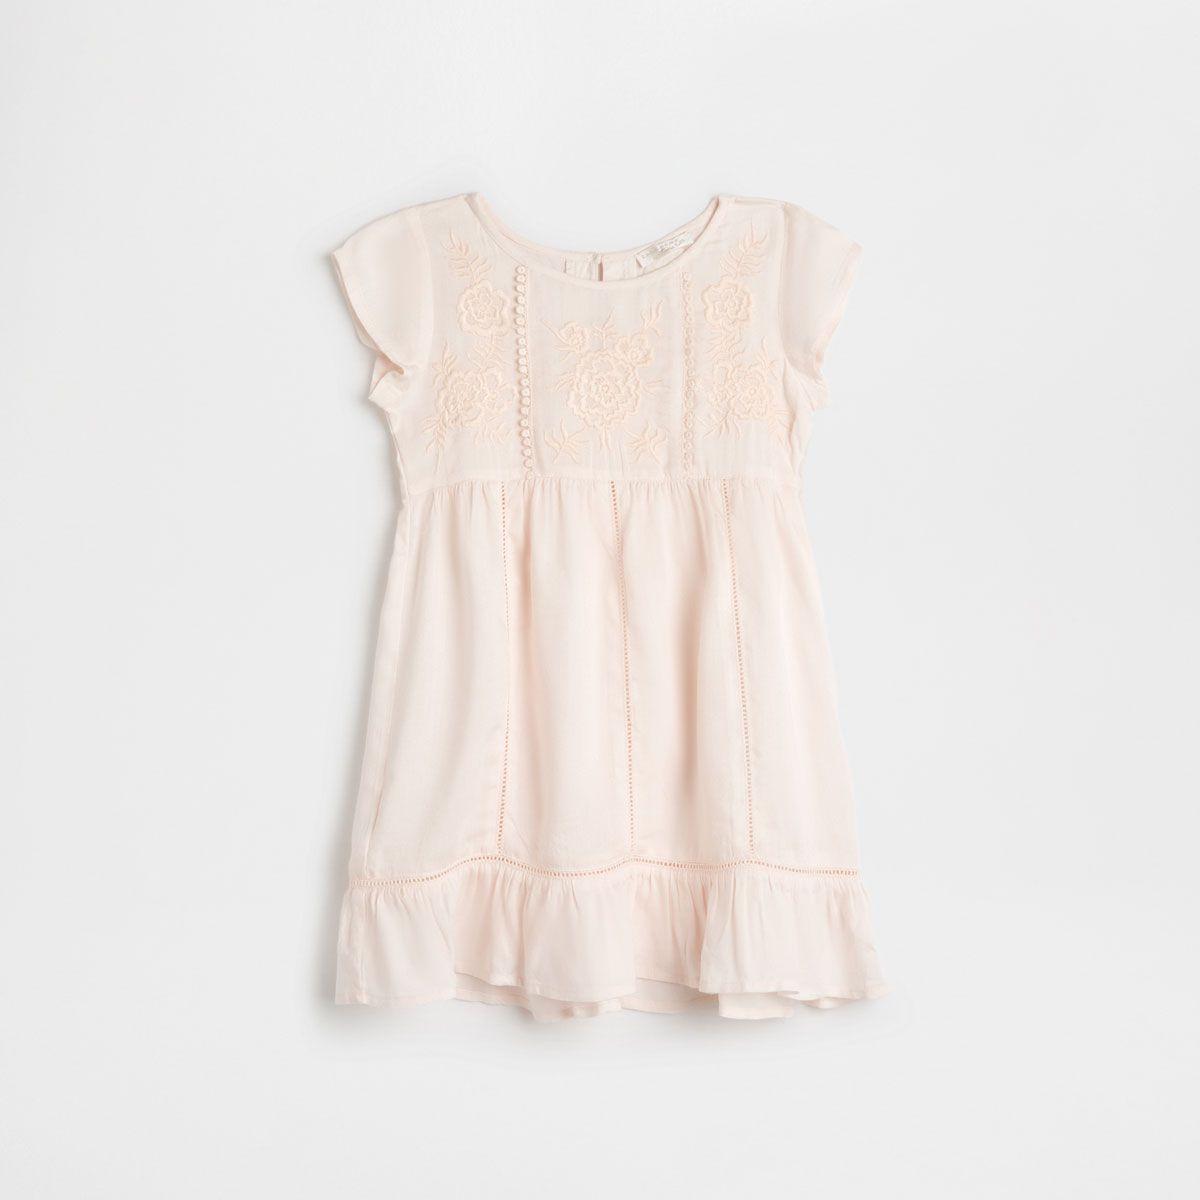 Изображение 1 товара Ночная рубашка с вышивкой персикового цвета